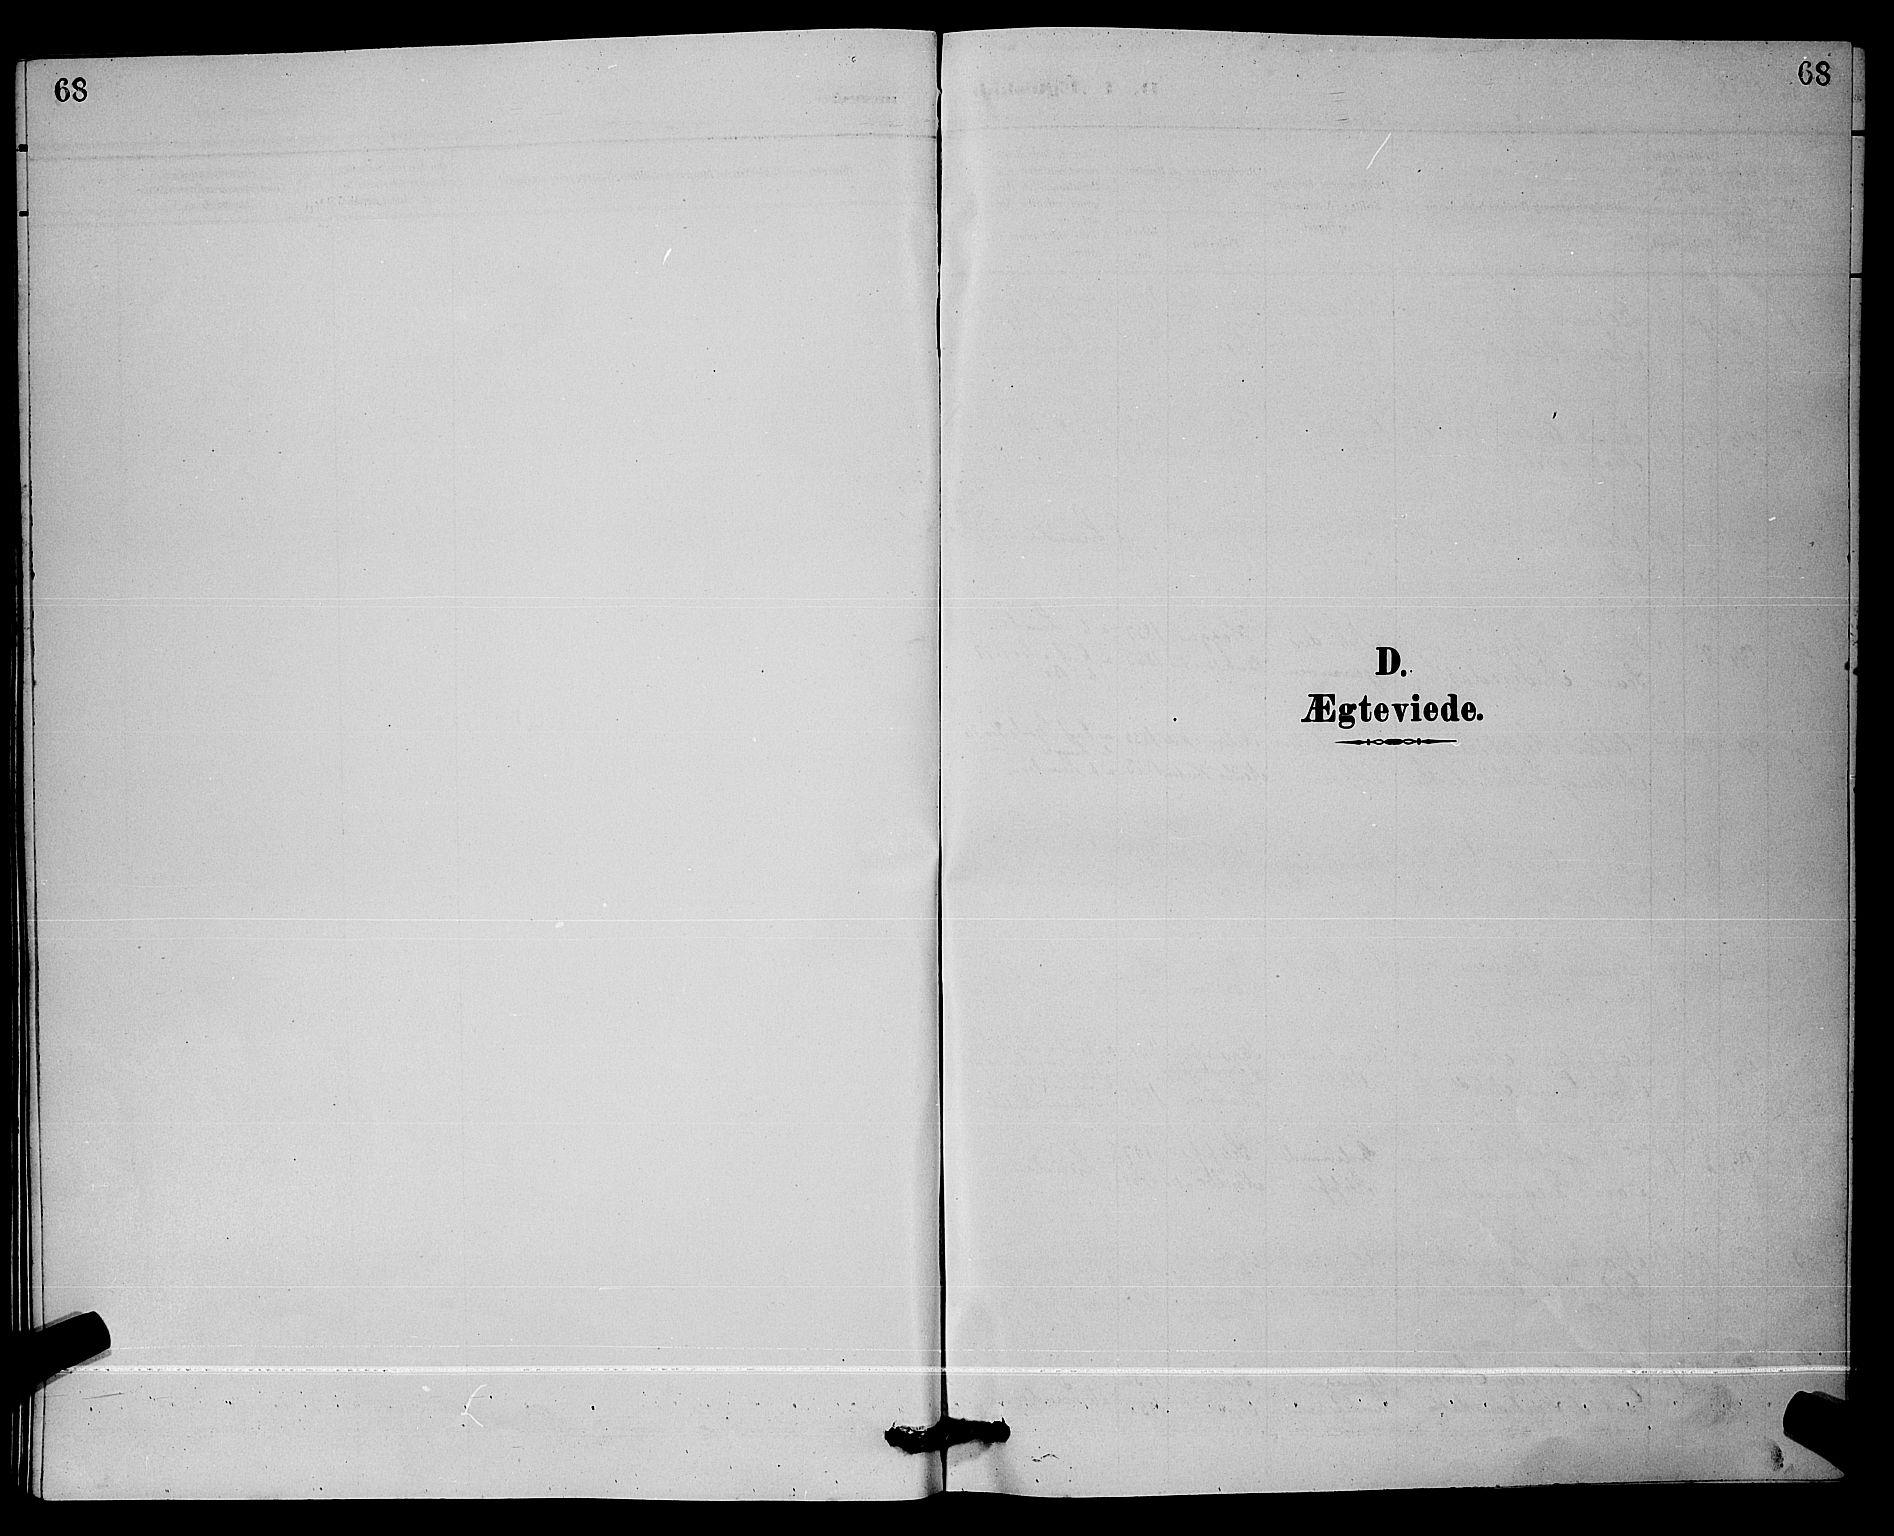 SAKO, Lunde kirkebøker, G/Ga/L0002: Klokkerbok nr. I 2, 1887-1896, s. 68